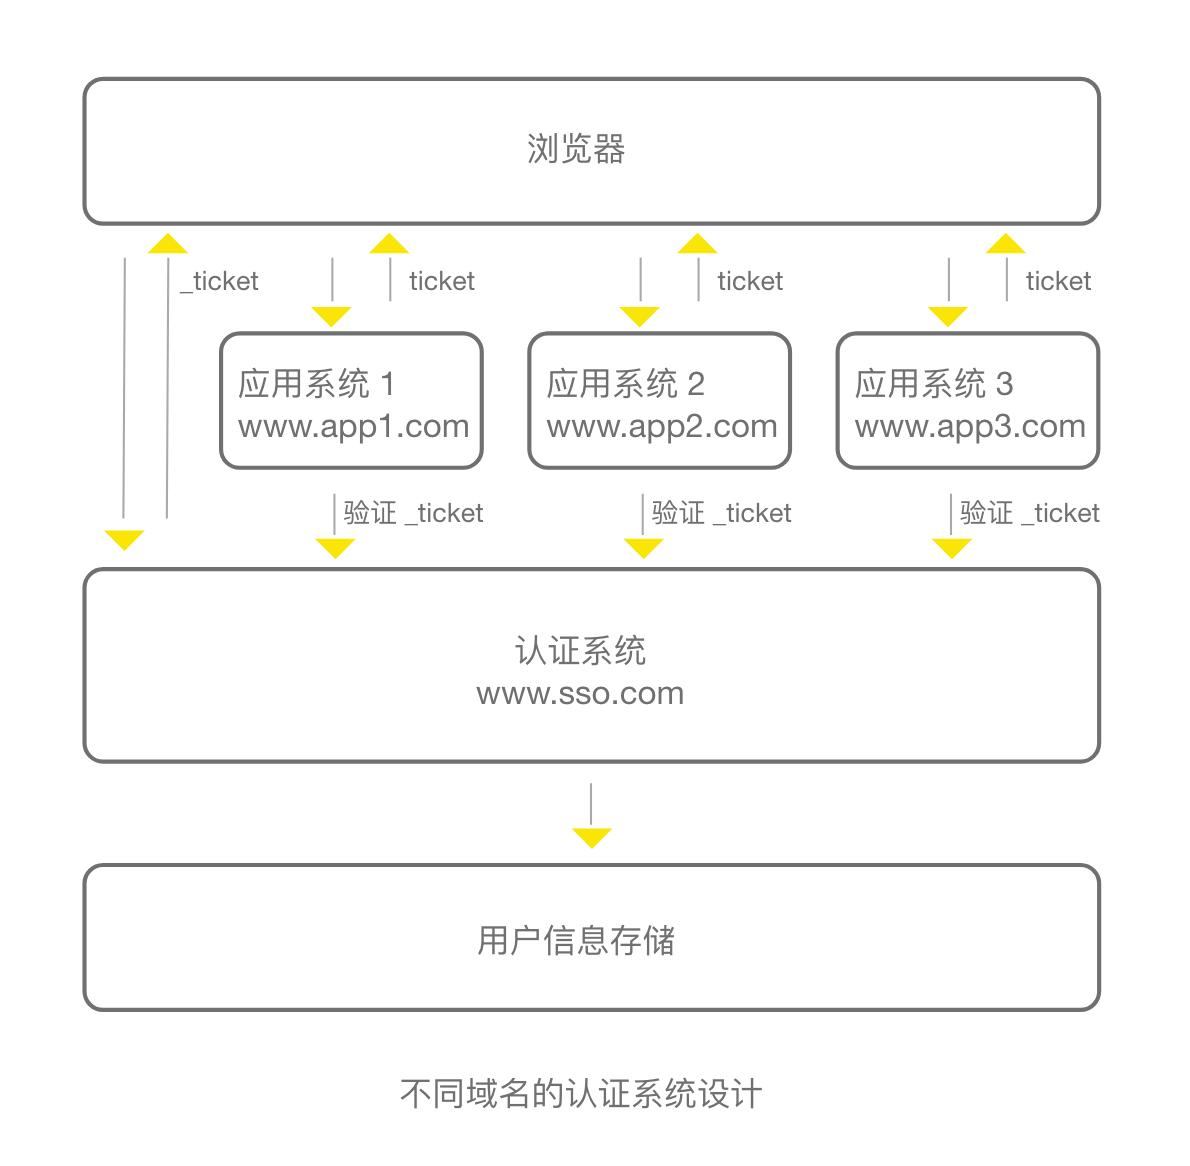 不同域名的认证系统设计